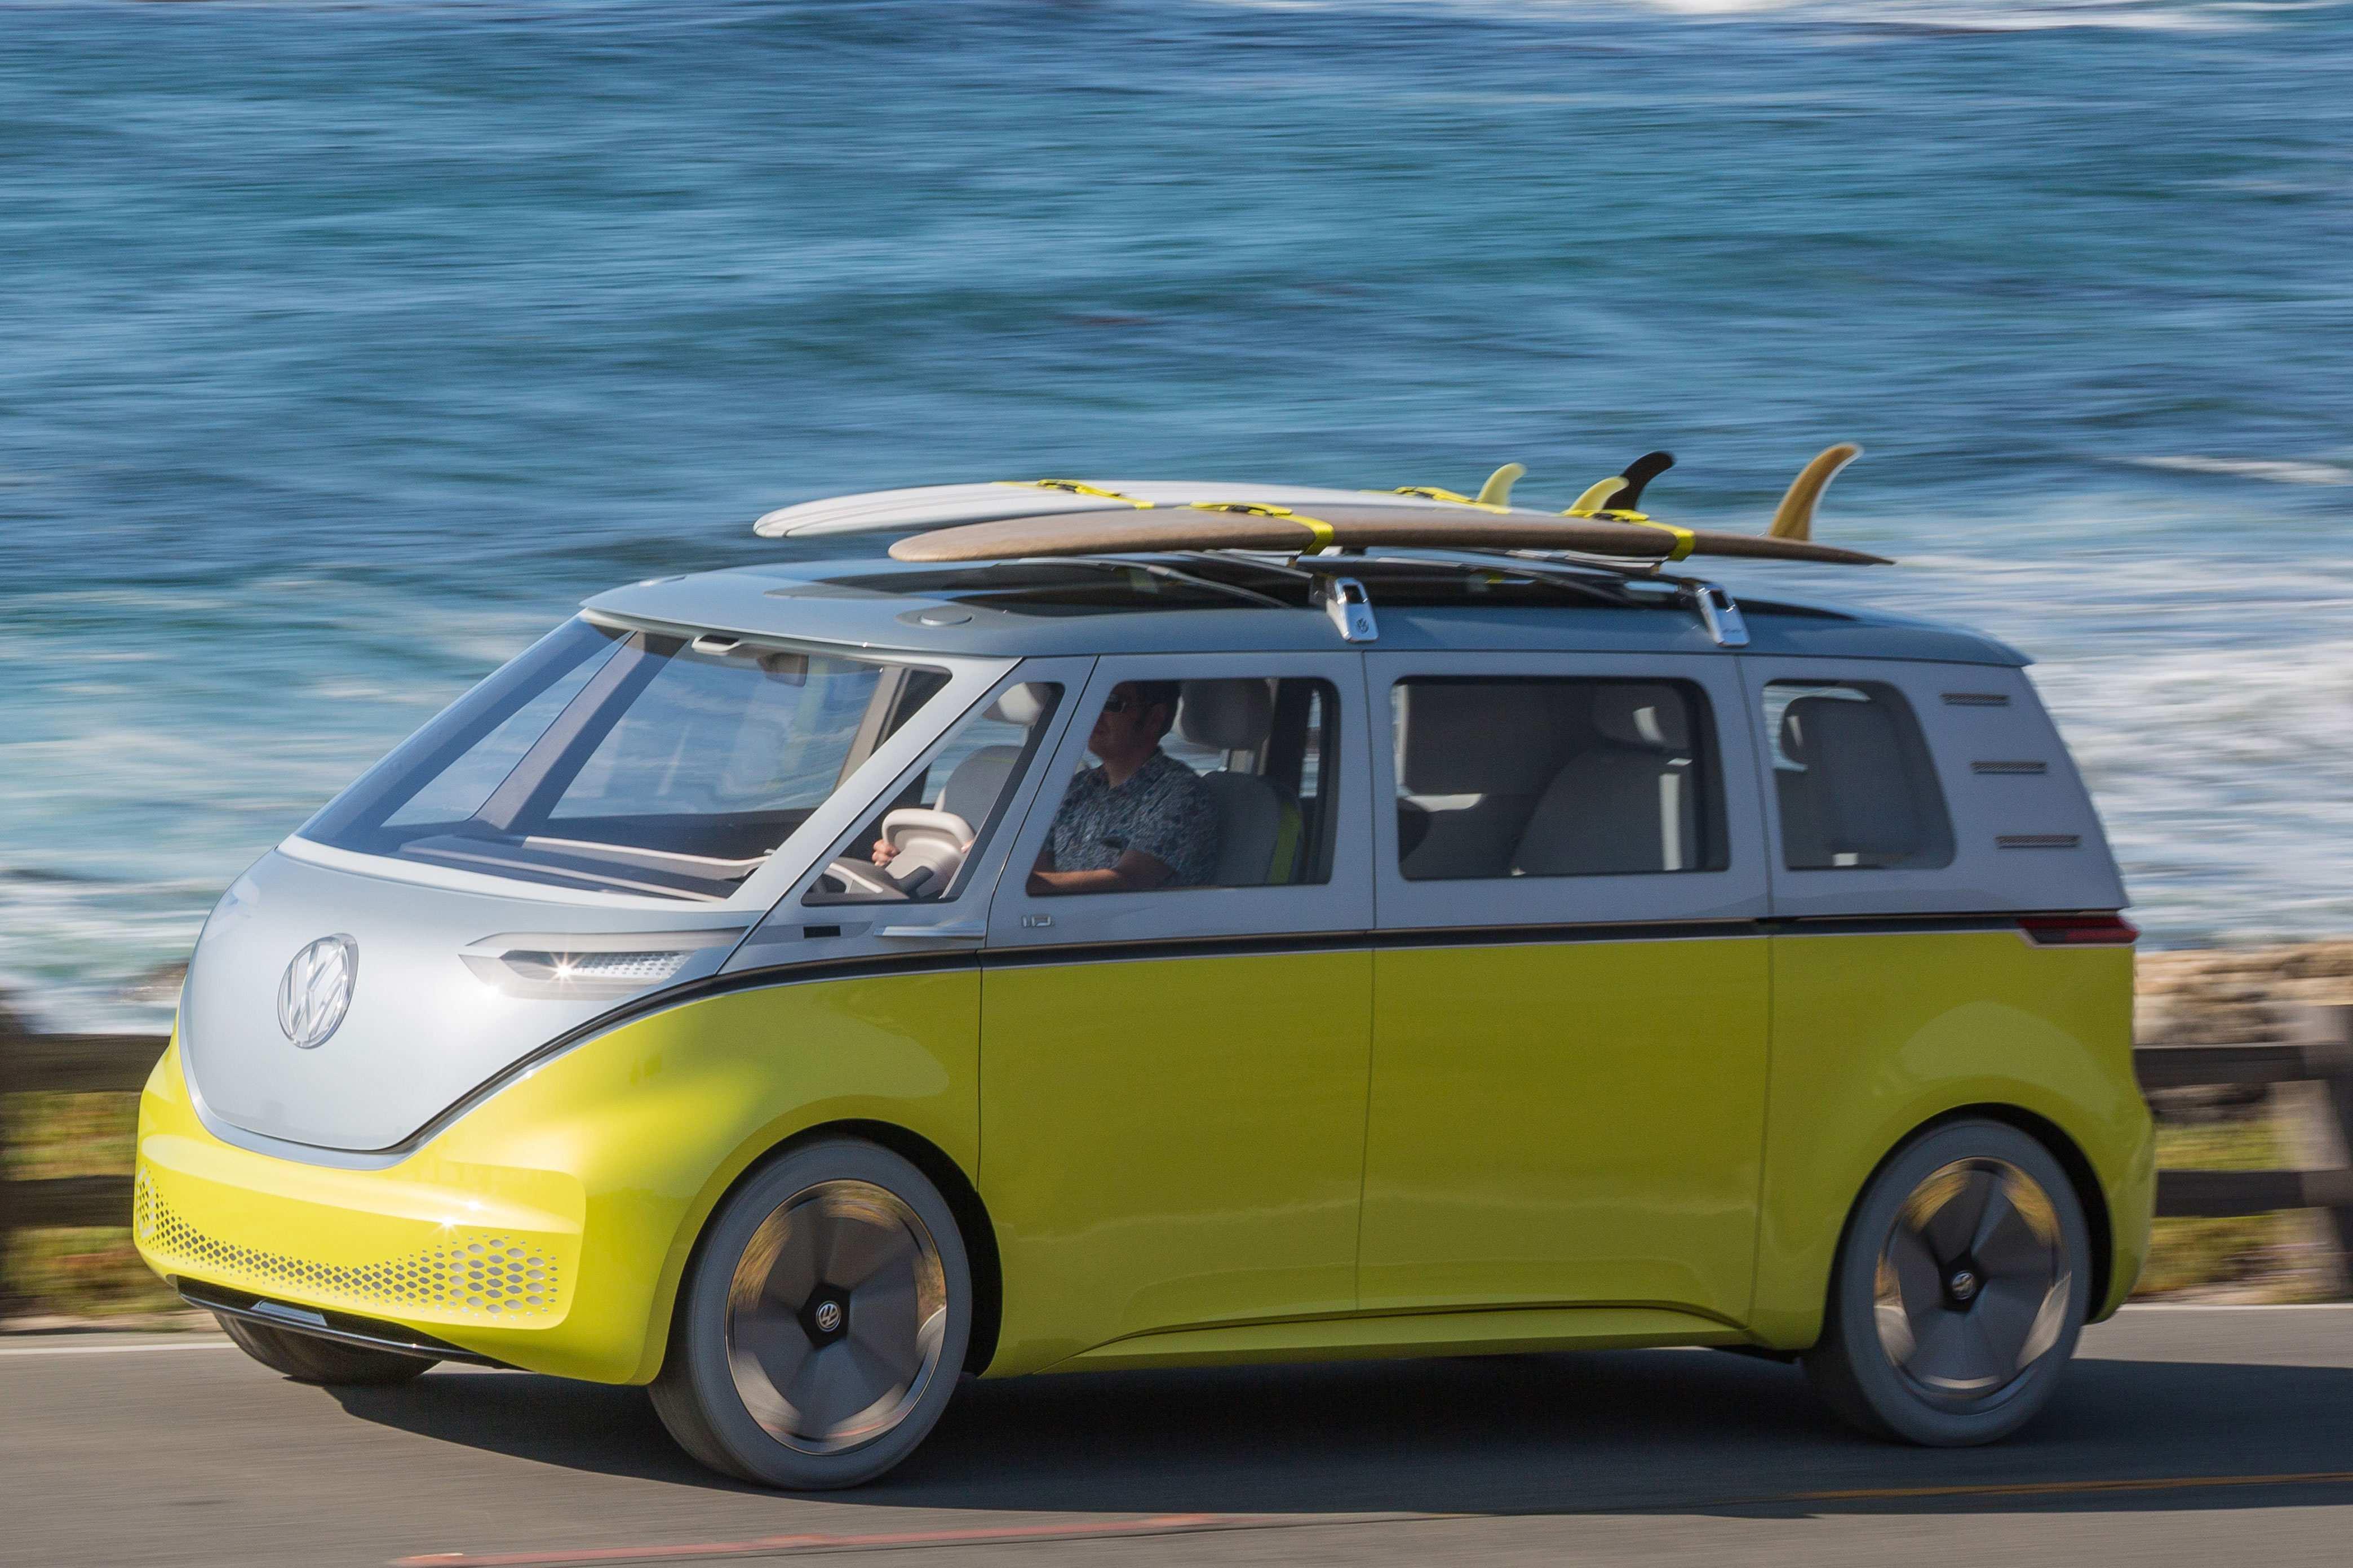 17 Concept of 2020 VW Bulli 2018 New Concept for 2020 VW Bulli 2018